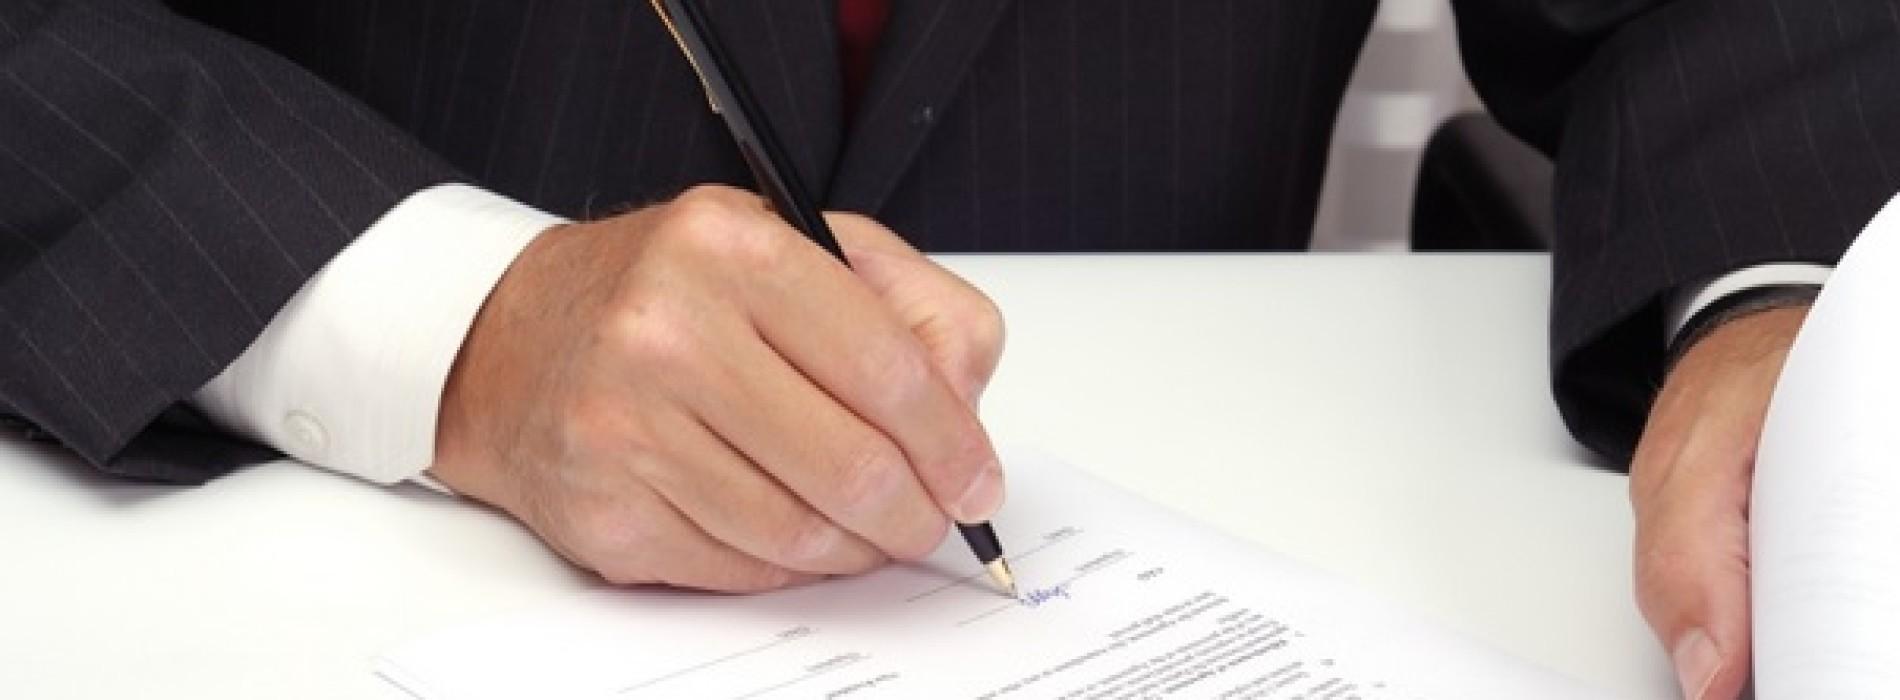 Czym jest kontrakt menedżerski?